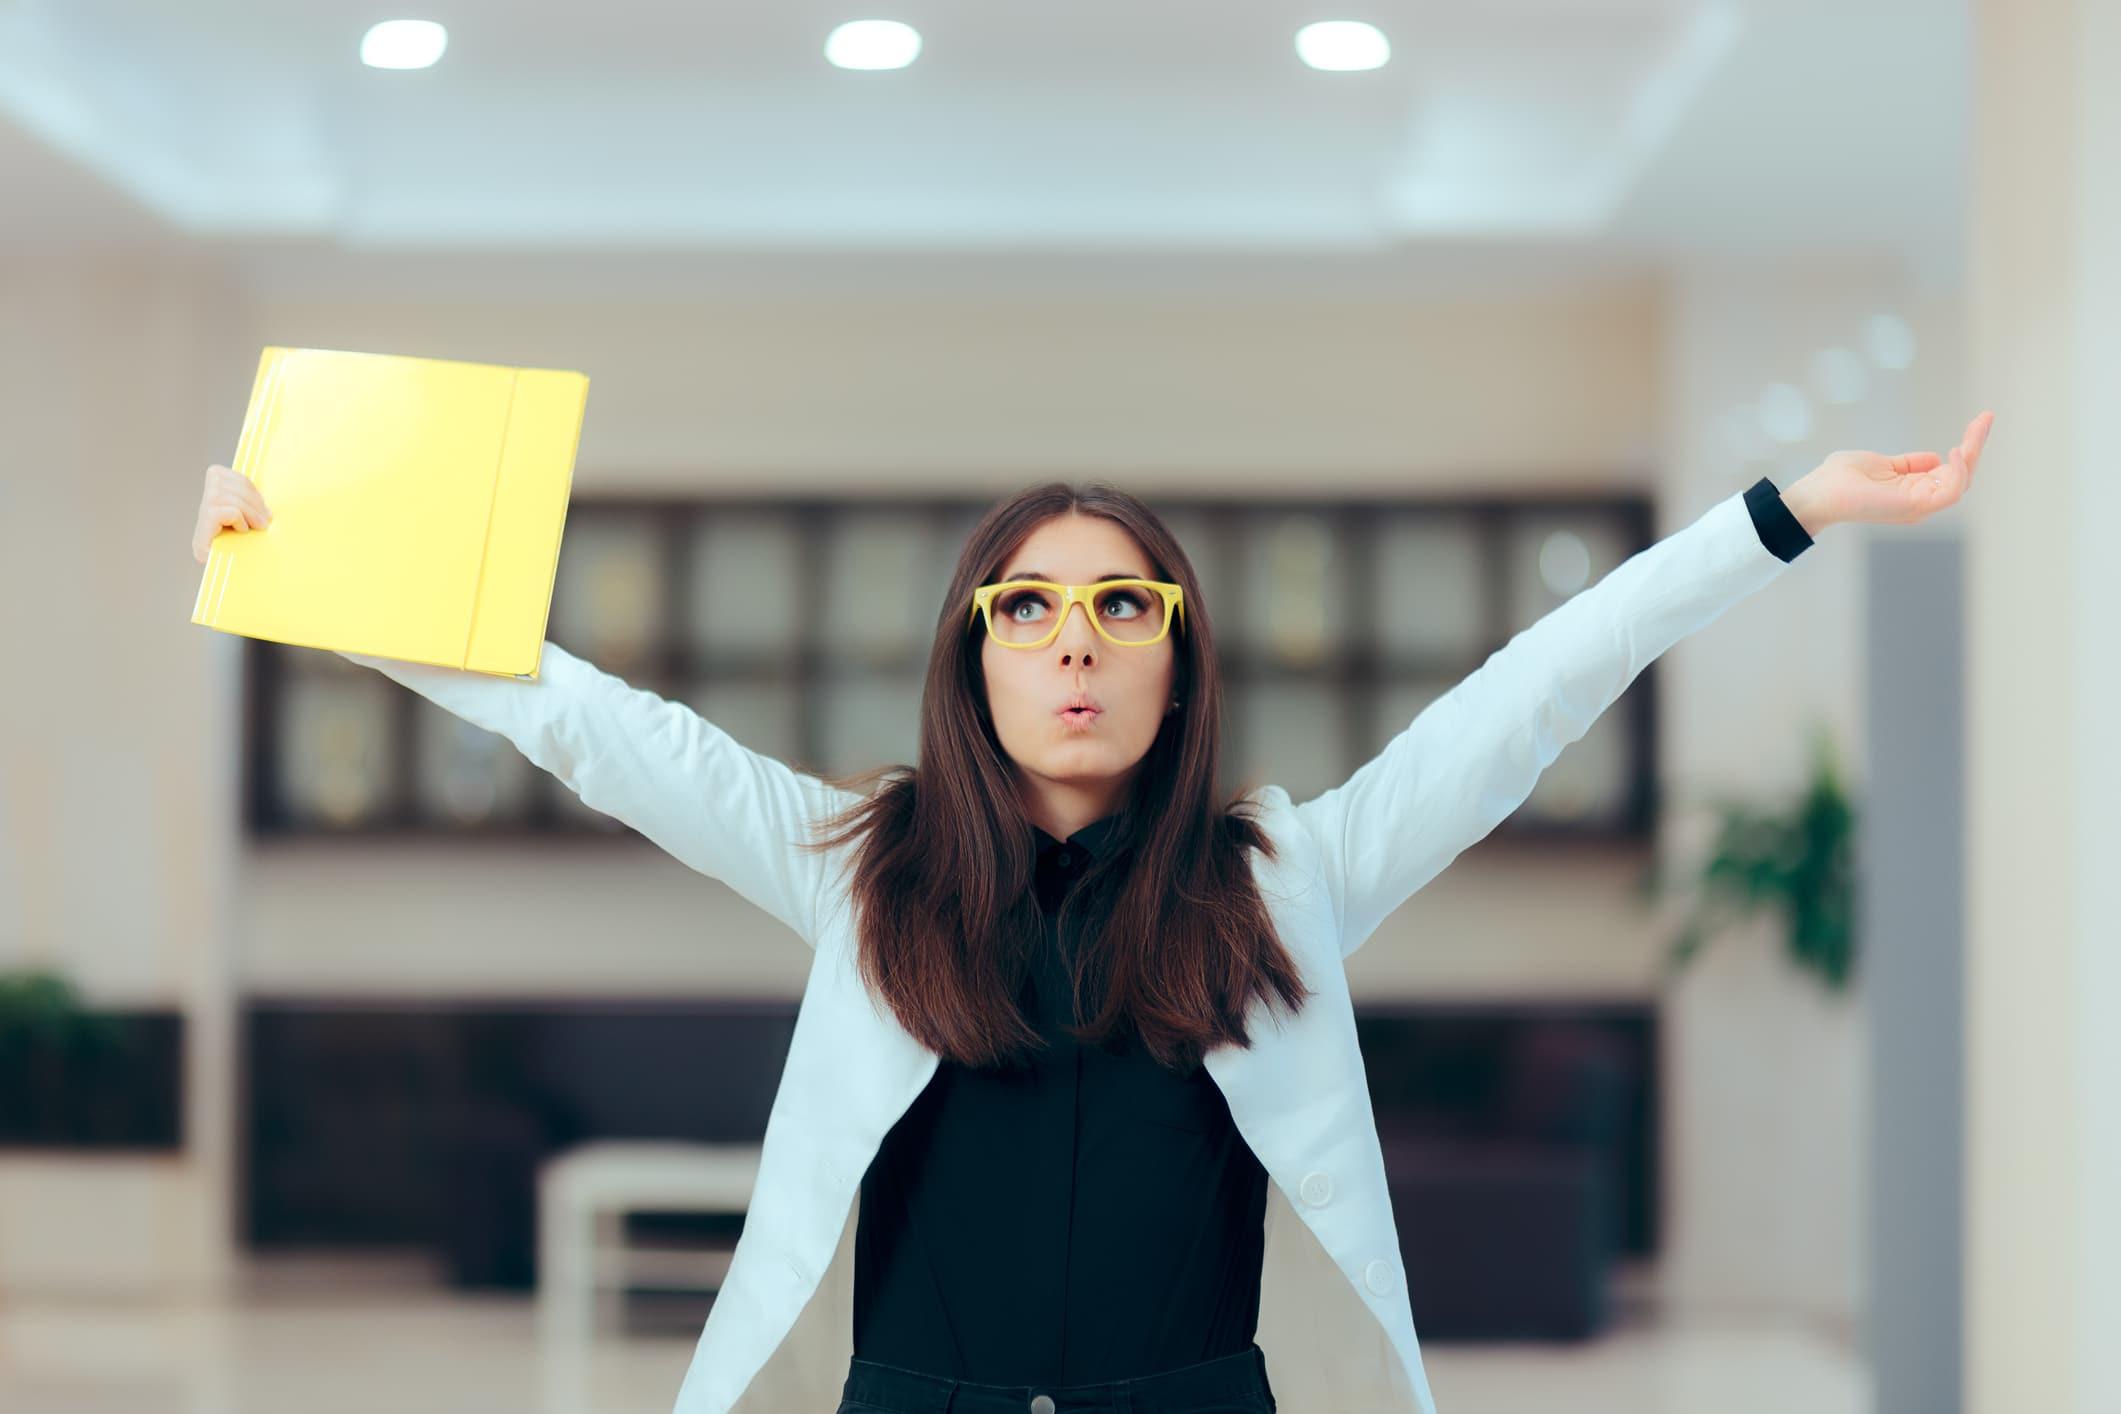 Bewerbungsmappe: so präsentierst du dich professionell